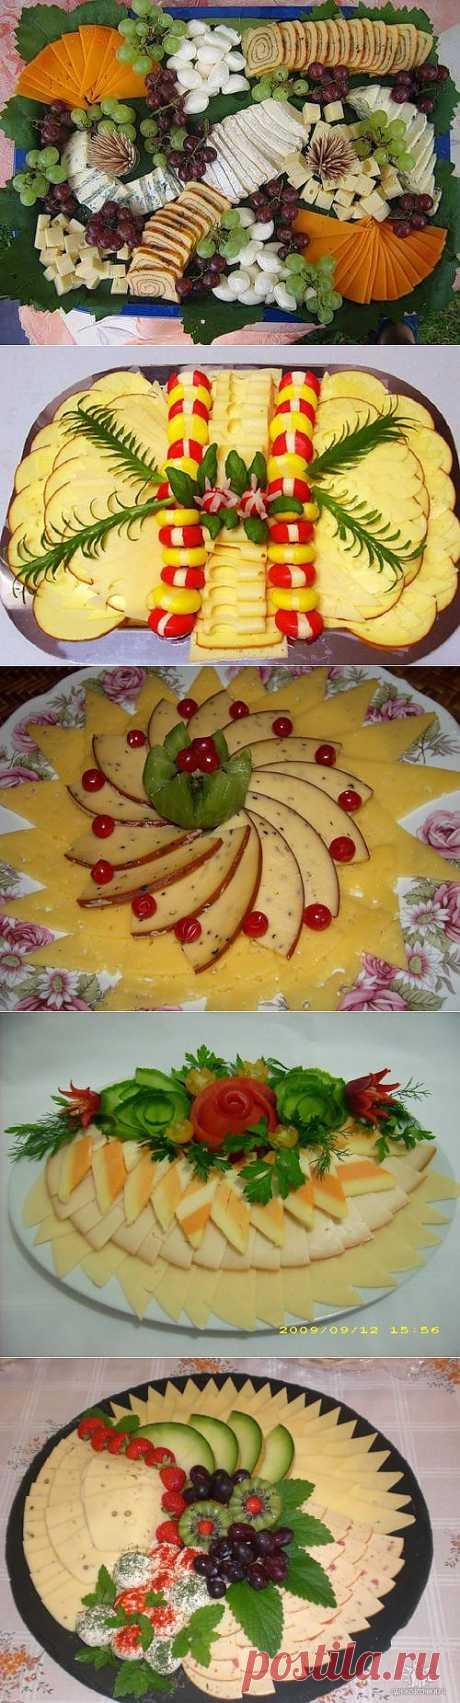 Оформляем красиво сырную нарезку / Простые рецепты